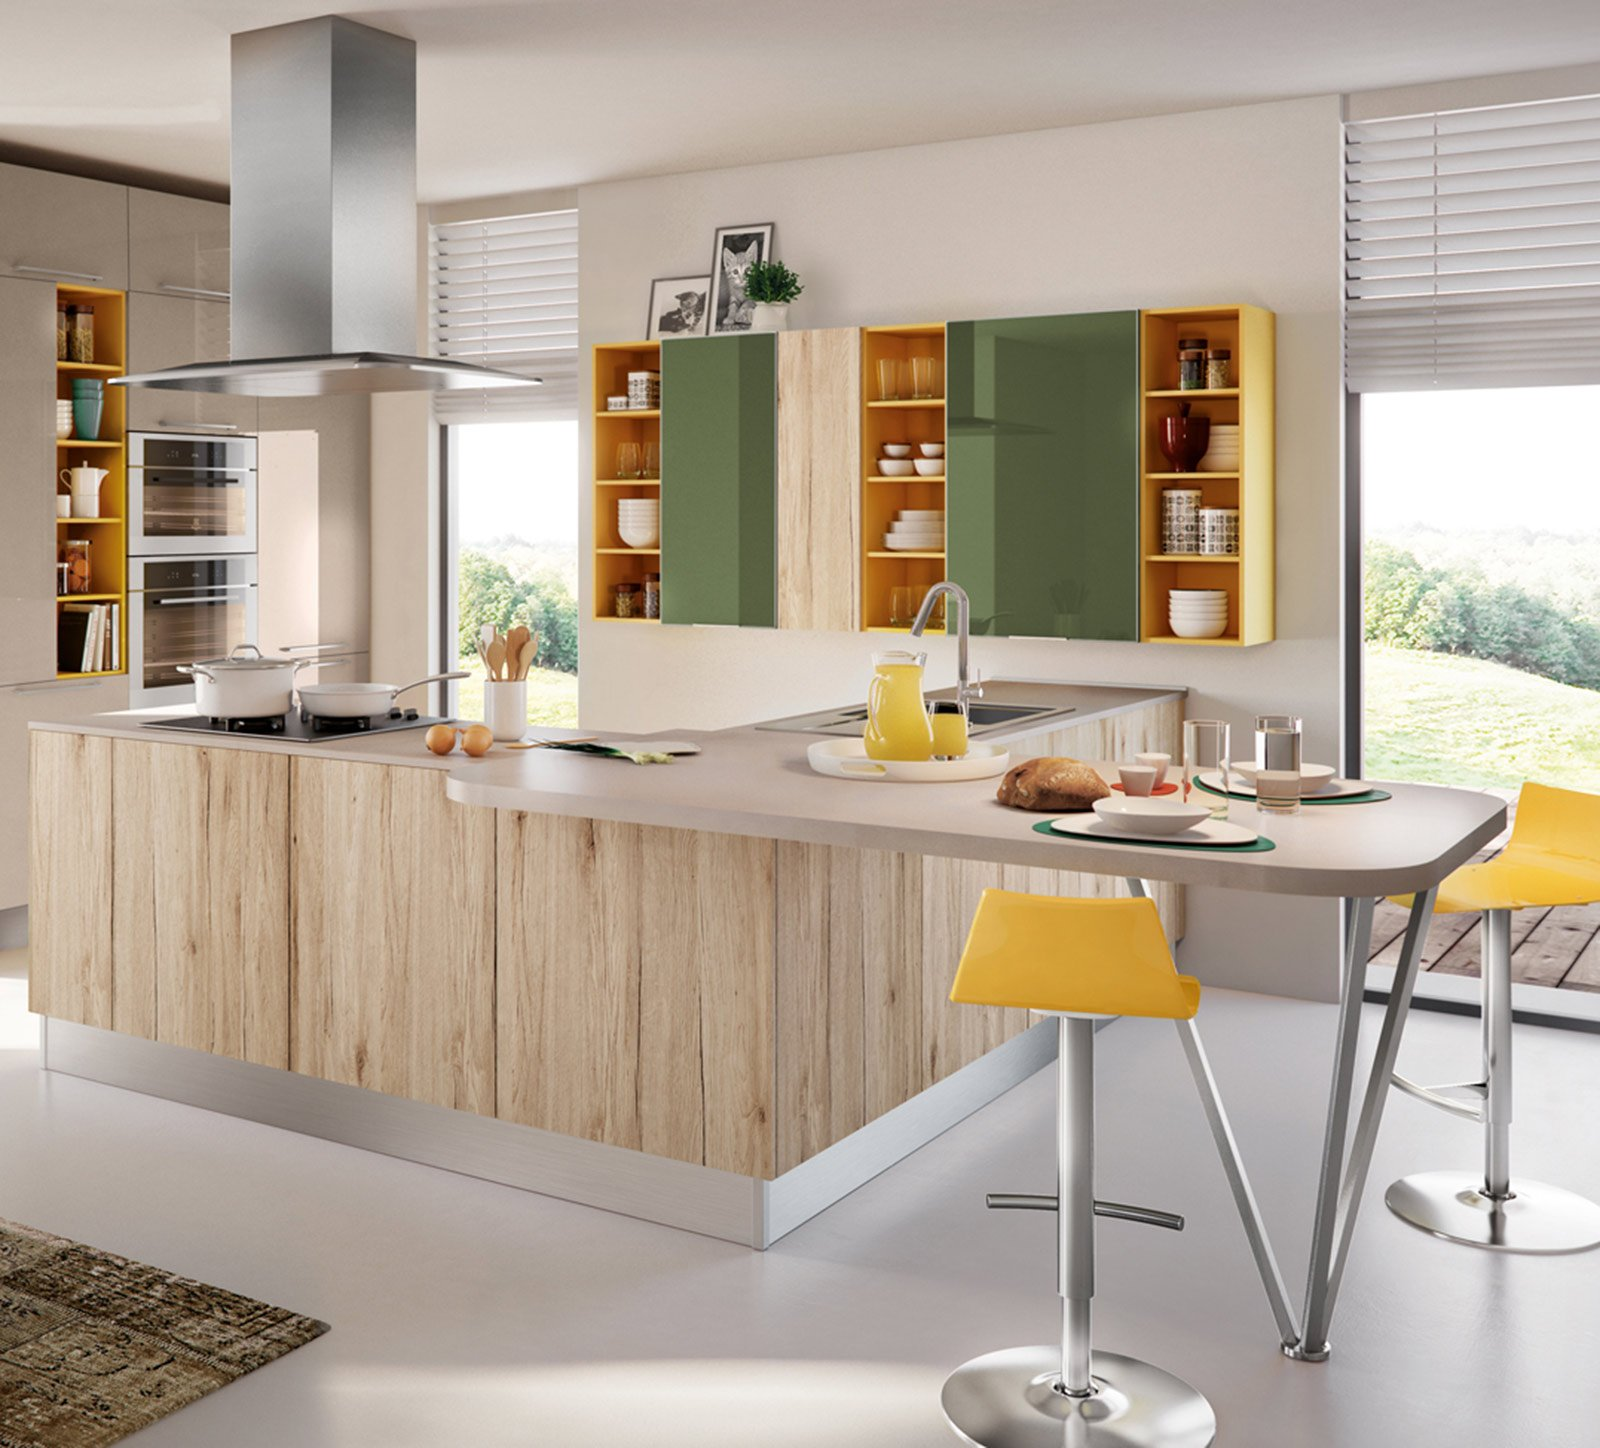 Cucine colori fluo per arredarla cose di casa - Cucine colorate moderne ...